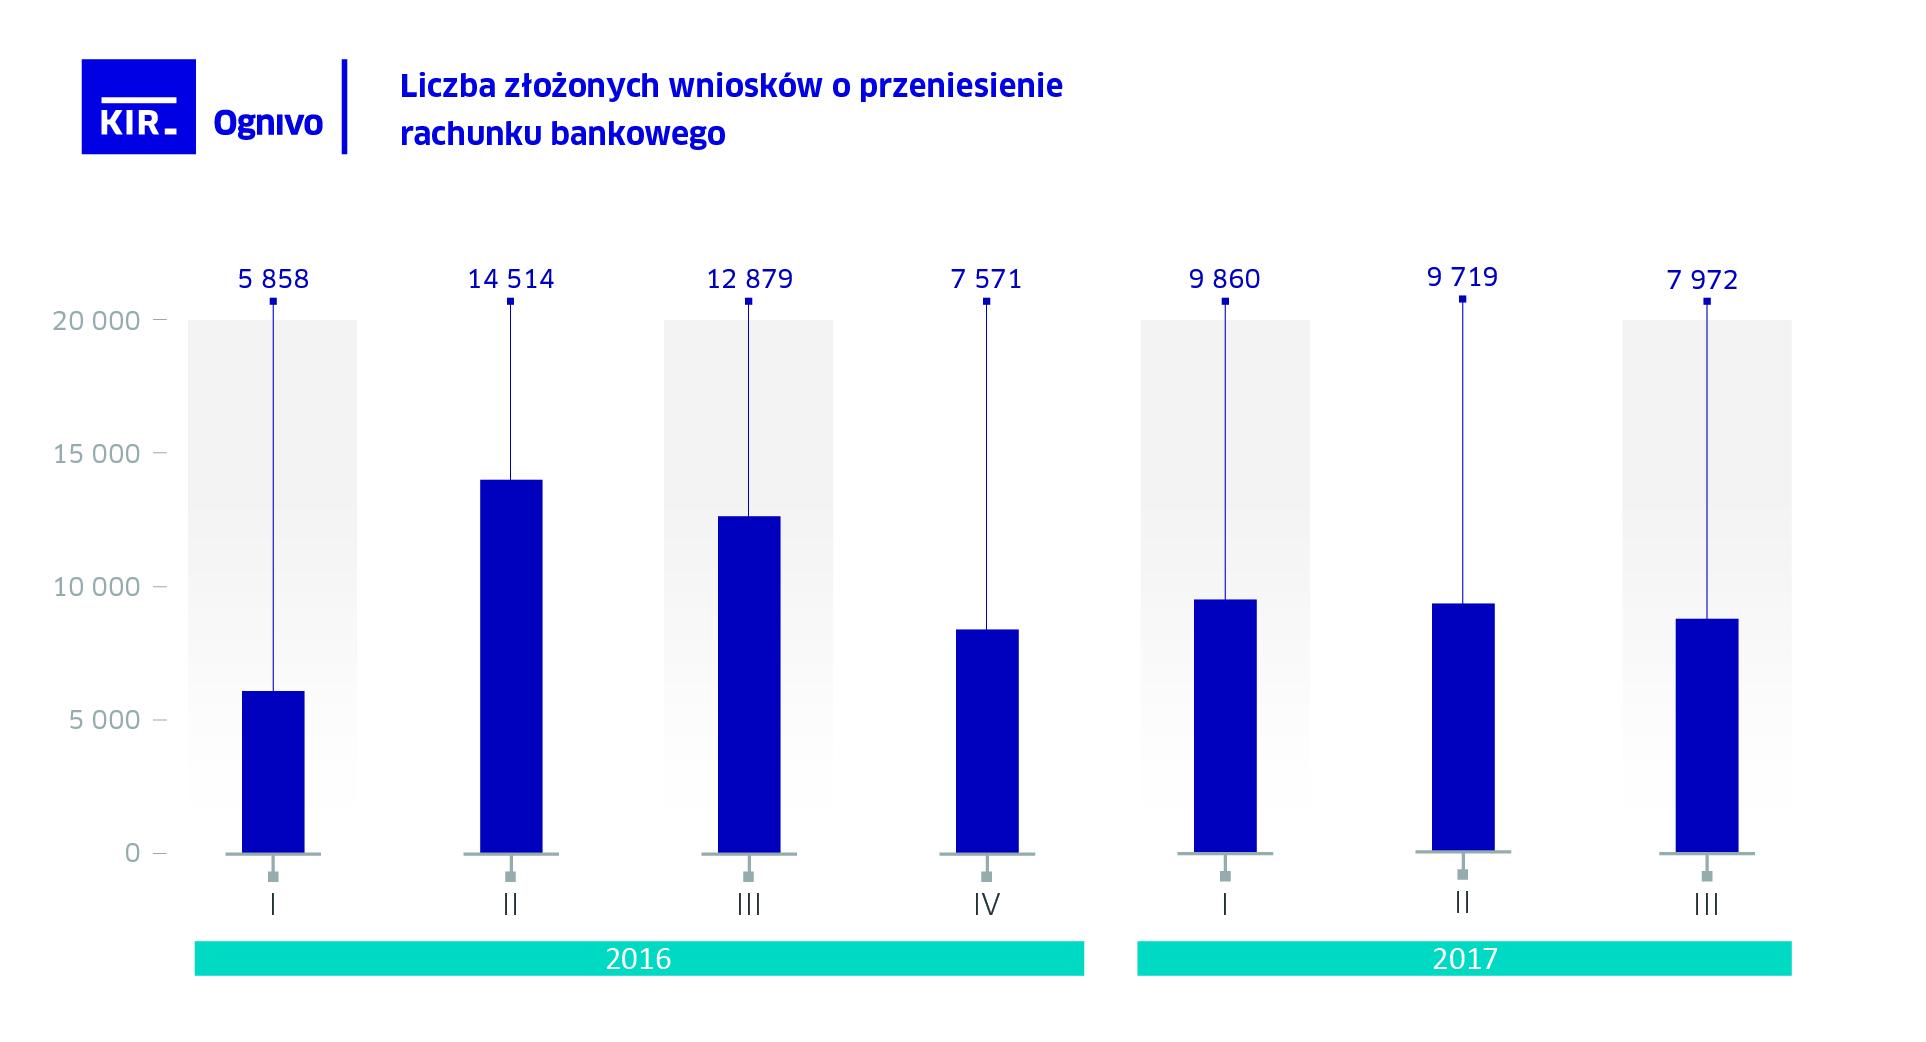 Ognivo - liczba złożonych wniosków o przeniesienie rachunku bankowego